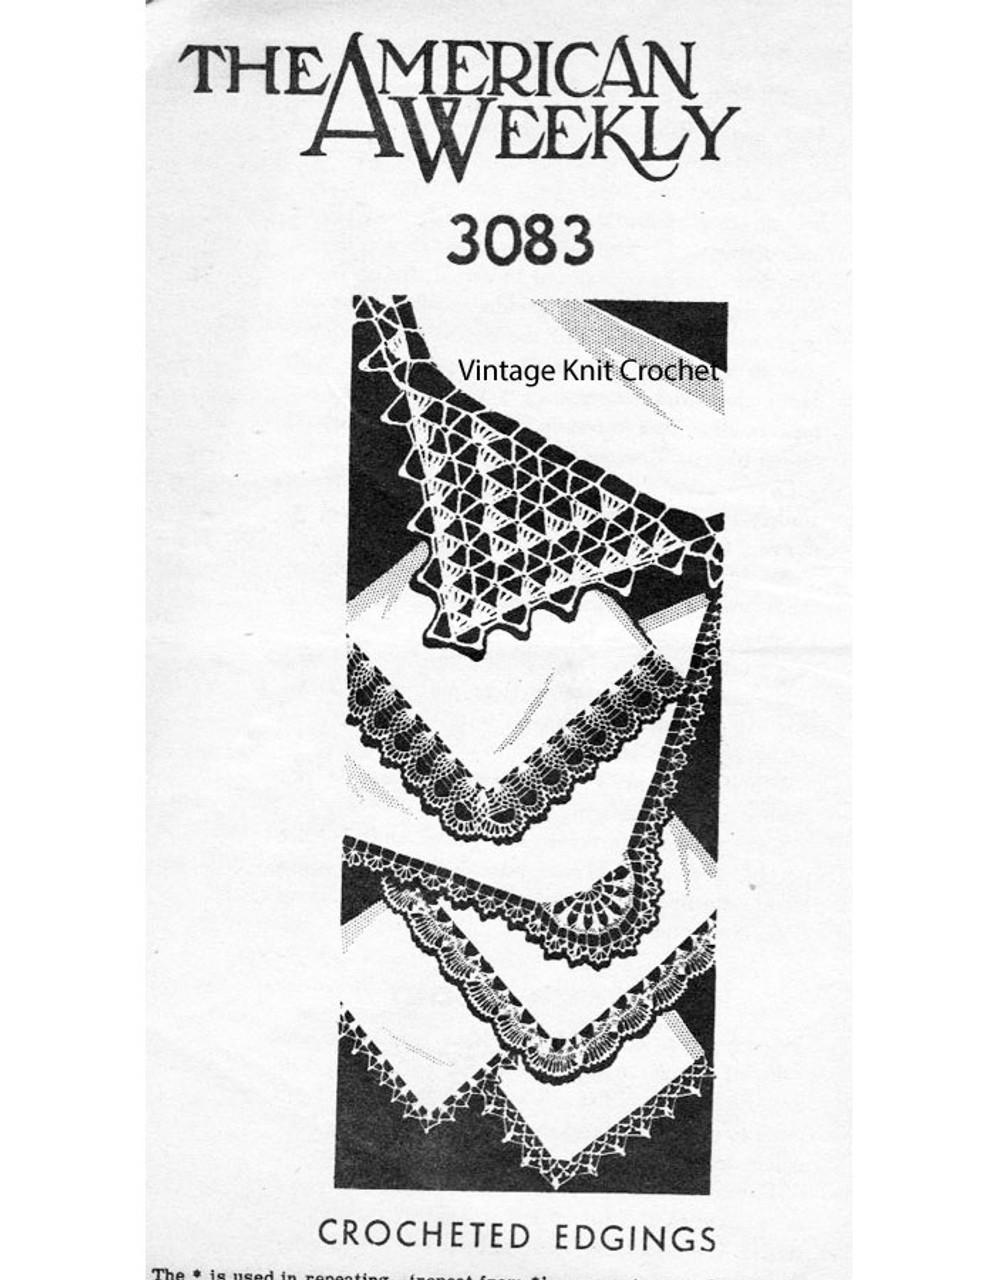 Six easy crochet edgings pattern, corner, American Weekly 3083